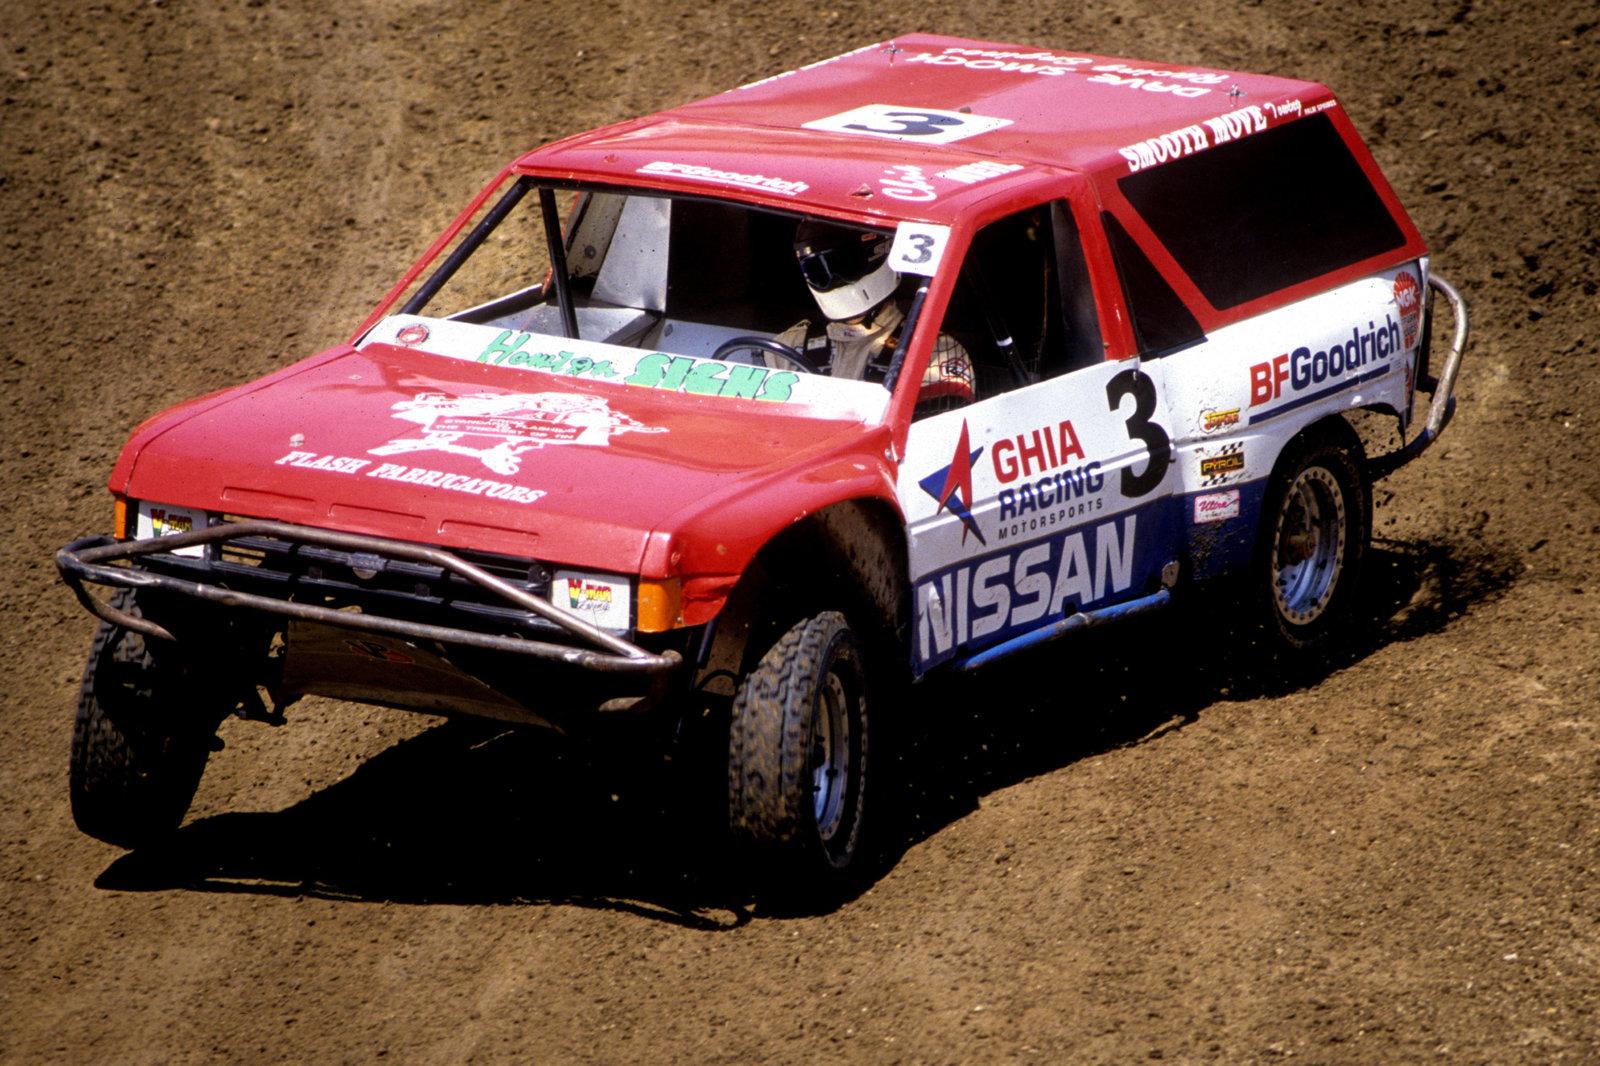 CenterlineImages.1992.LA Colisum. Nissan.3.21x.jpg